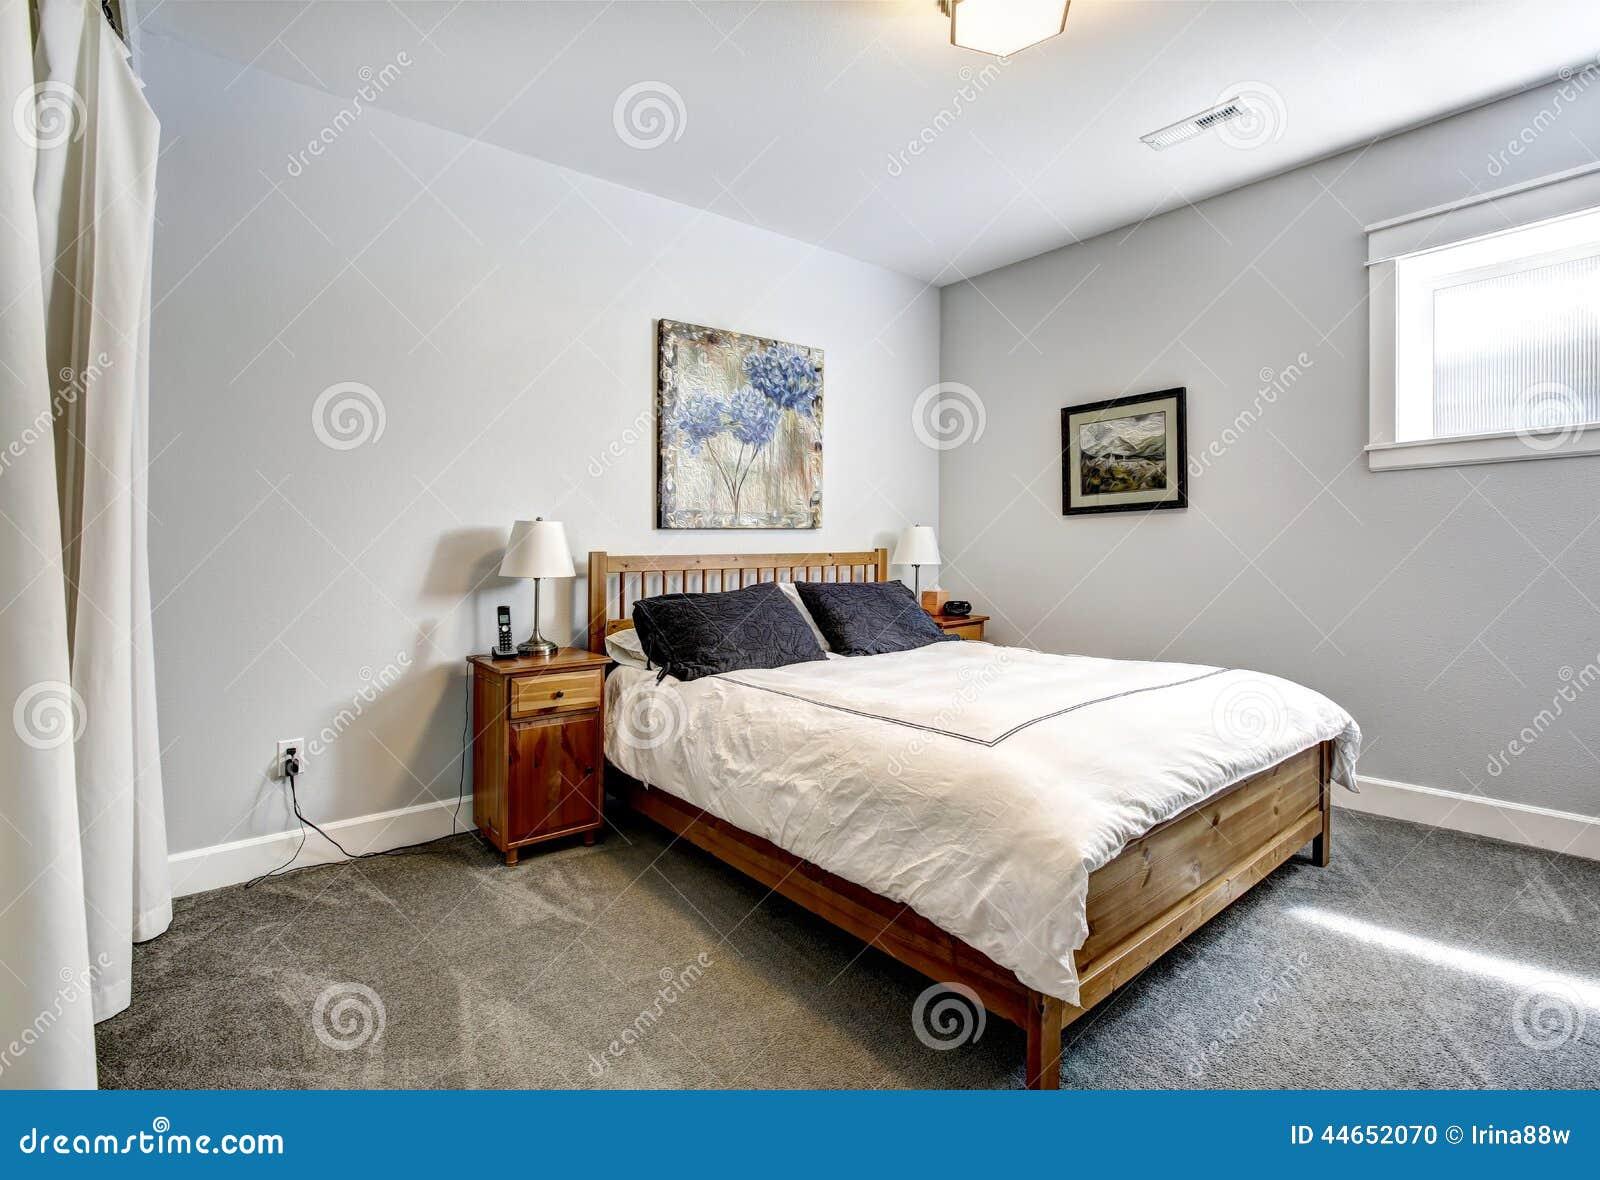 Slaapkamer in grijze tonen met houten bed stock foto afbeelding 44652070 - Grijze slaapkamer ...